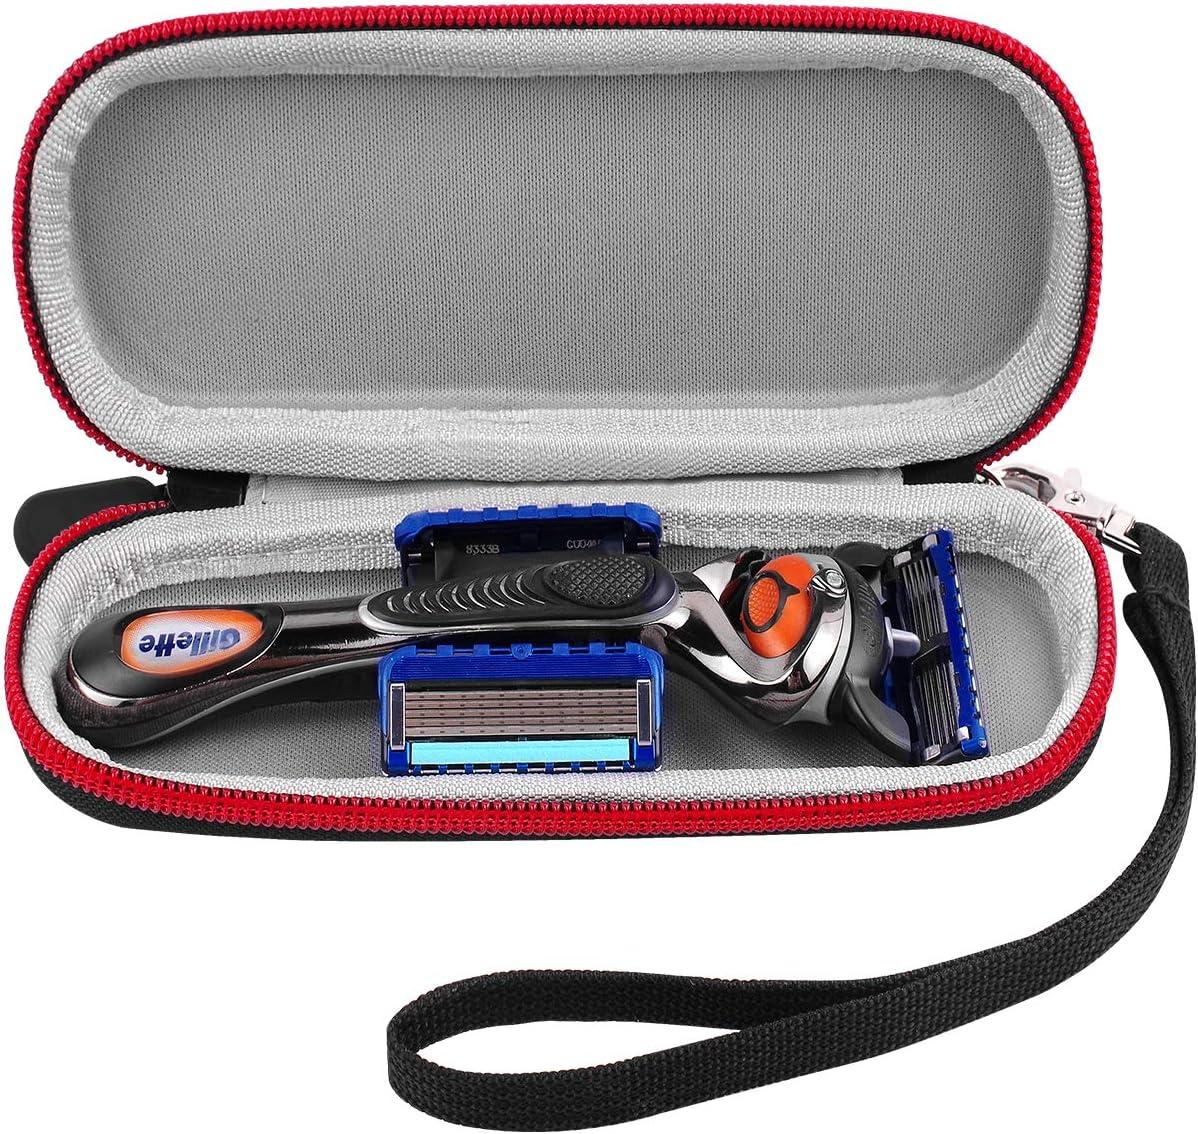 Case Compatible for Gillette ProGlide/Shield/Chill/Power/Fusion Proglide Manual/ Fusion5 Men's Razor Handle with 2 Blade Refills. Razor Carrying Travel Organizer Box Come with Hard Hand Strap